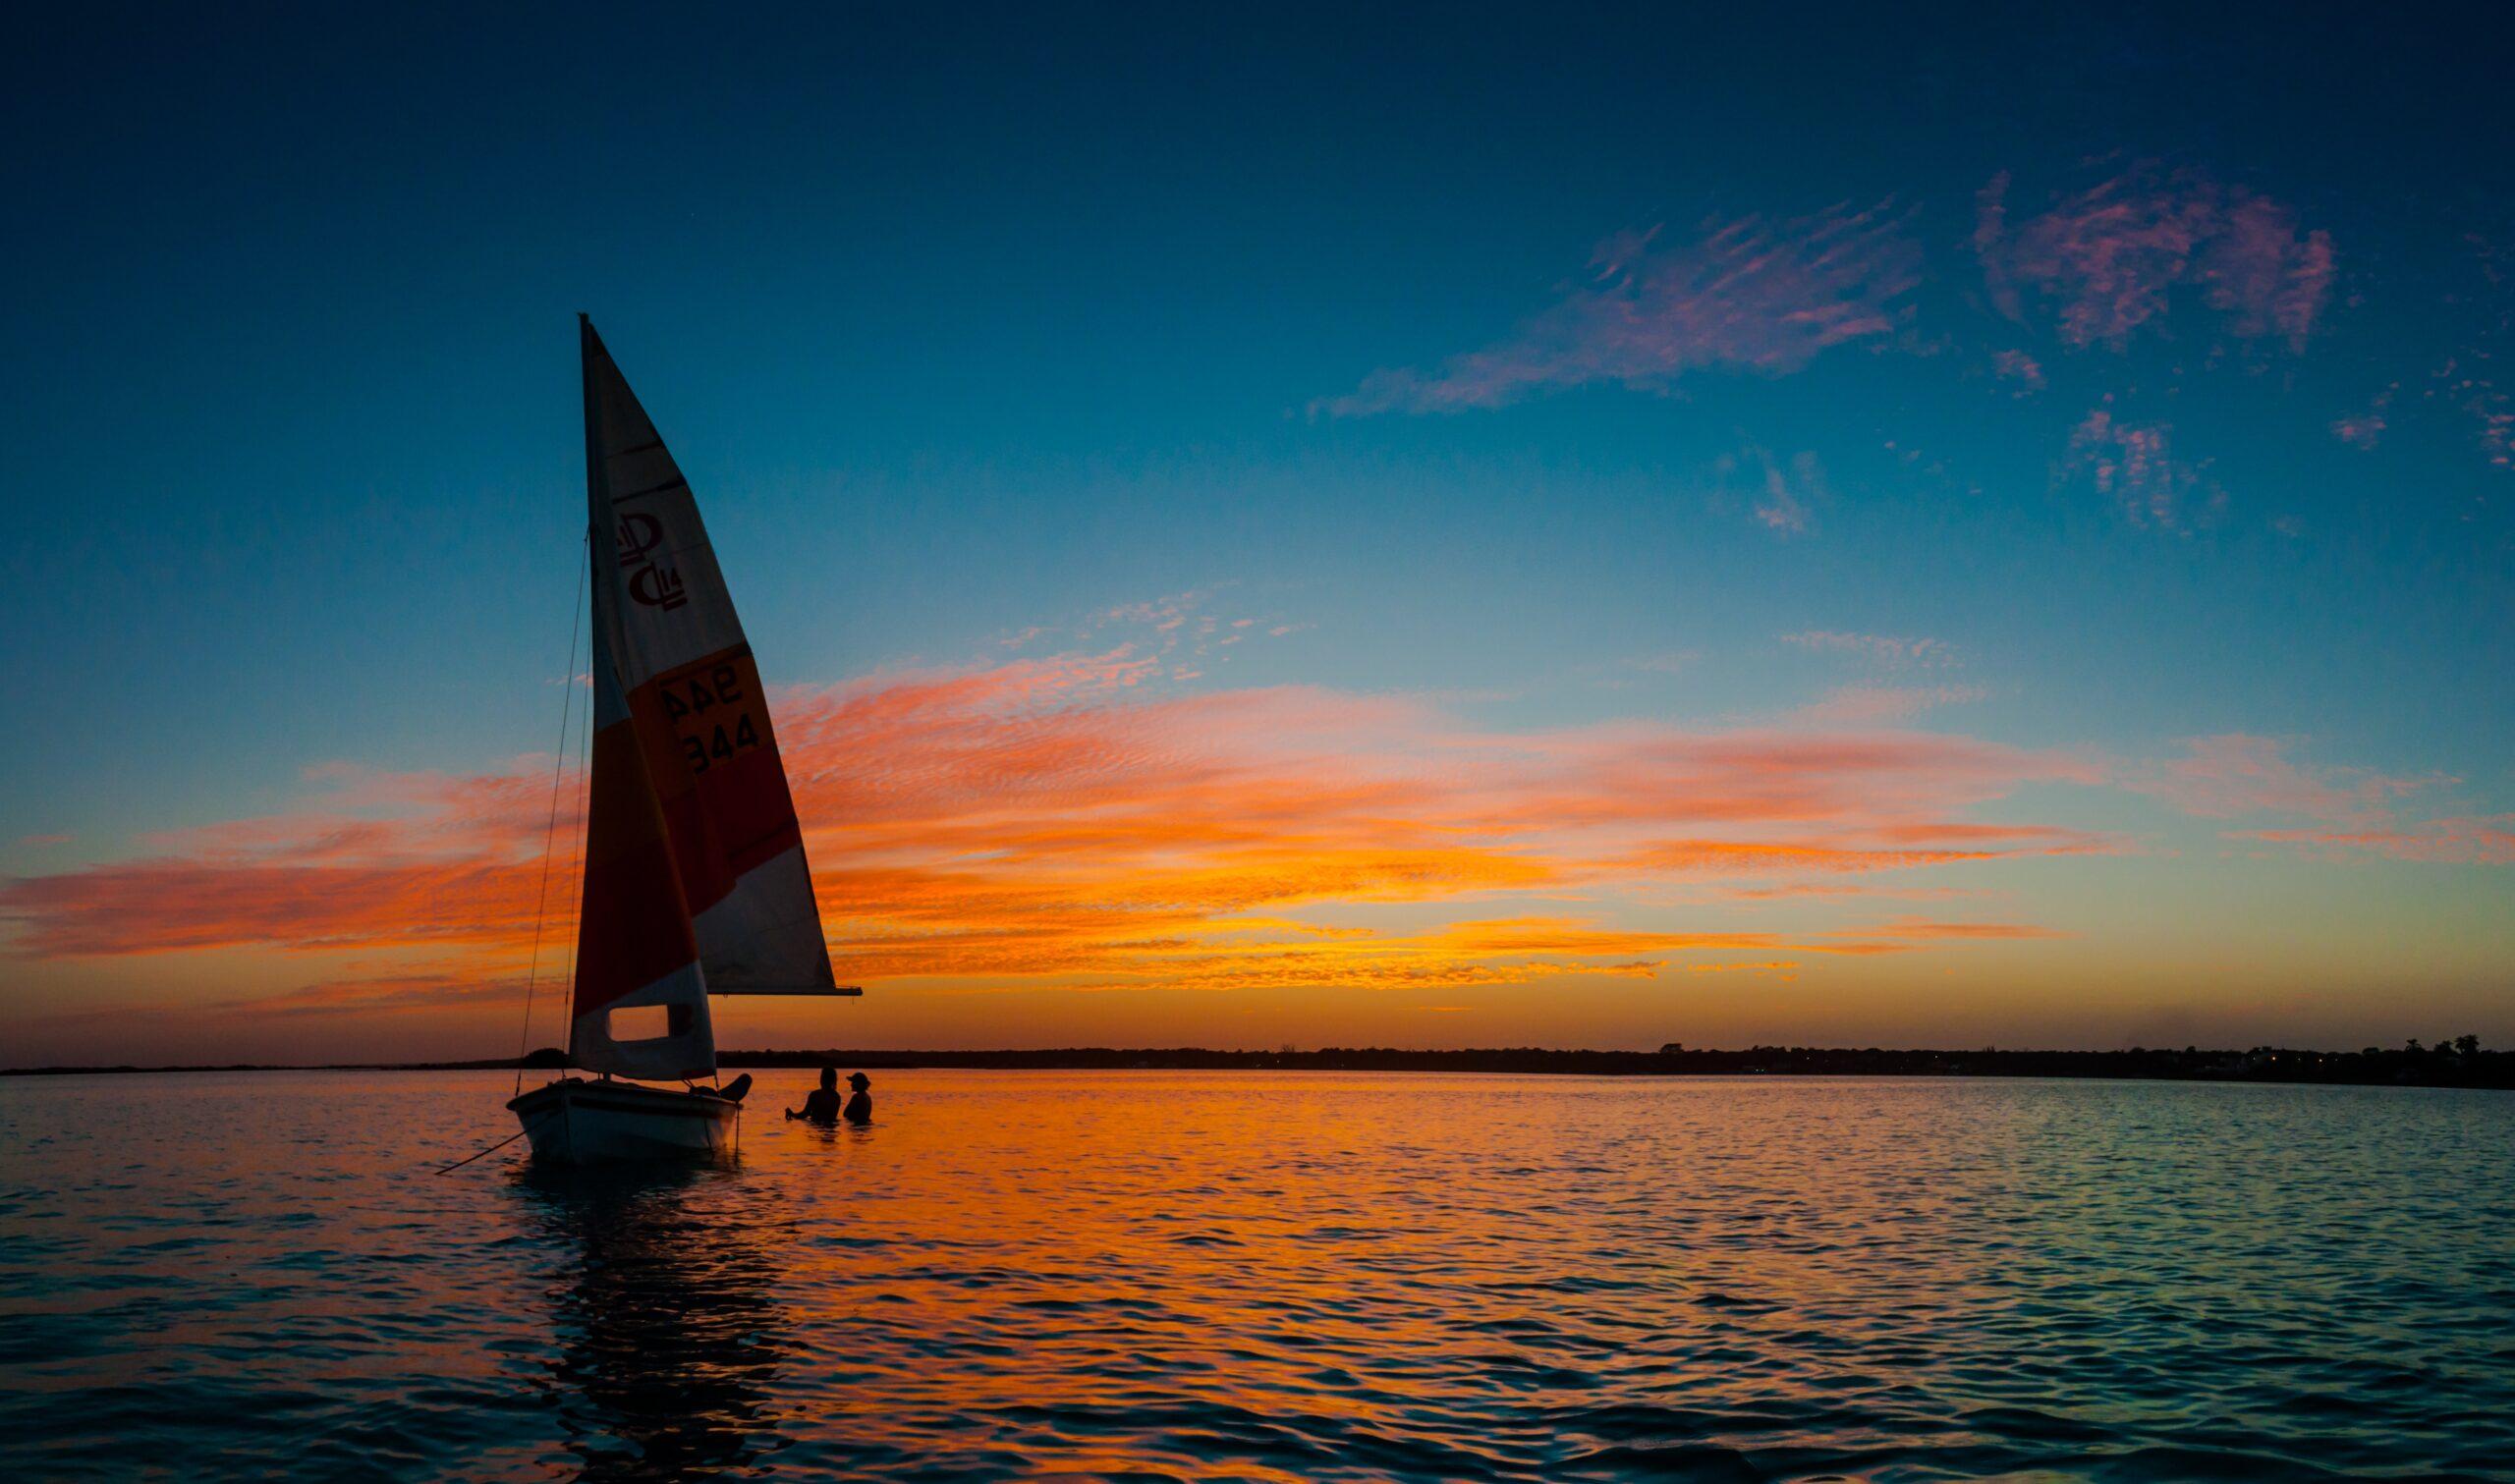 Sunset on Laguna Bacalar